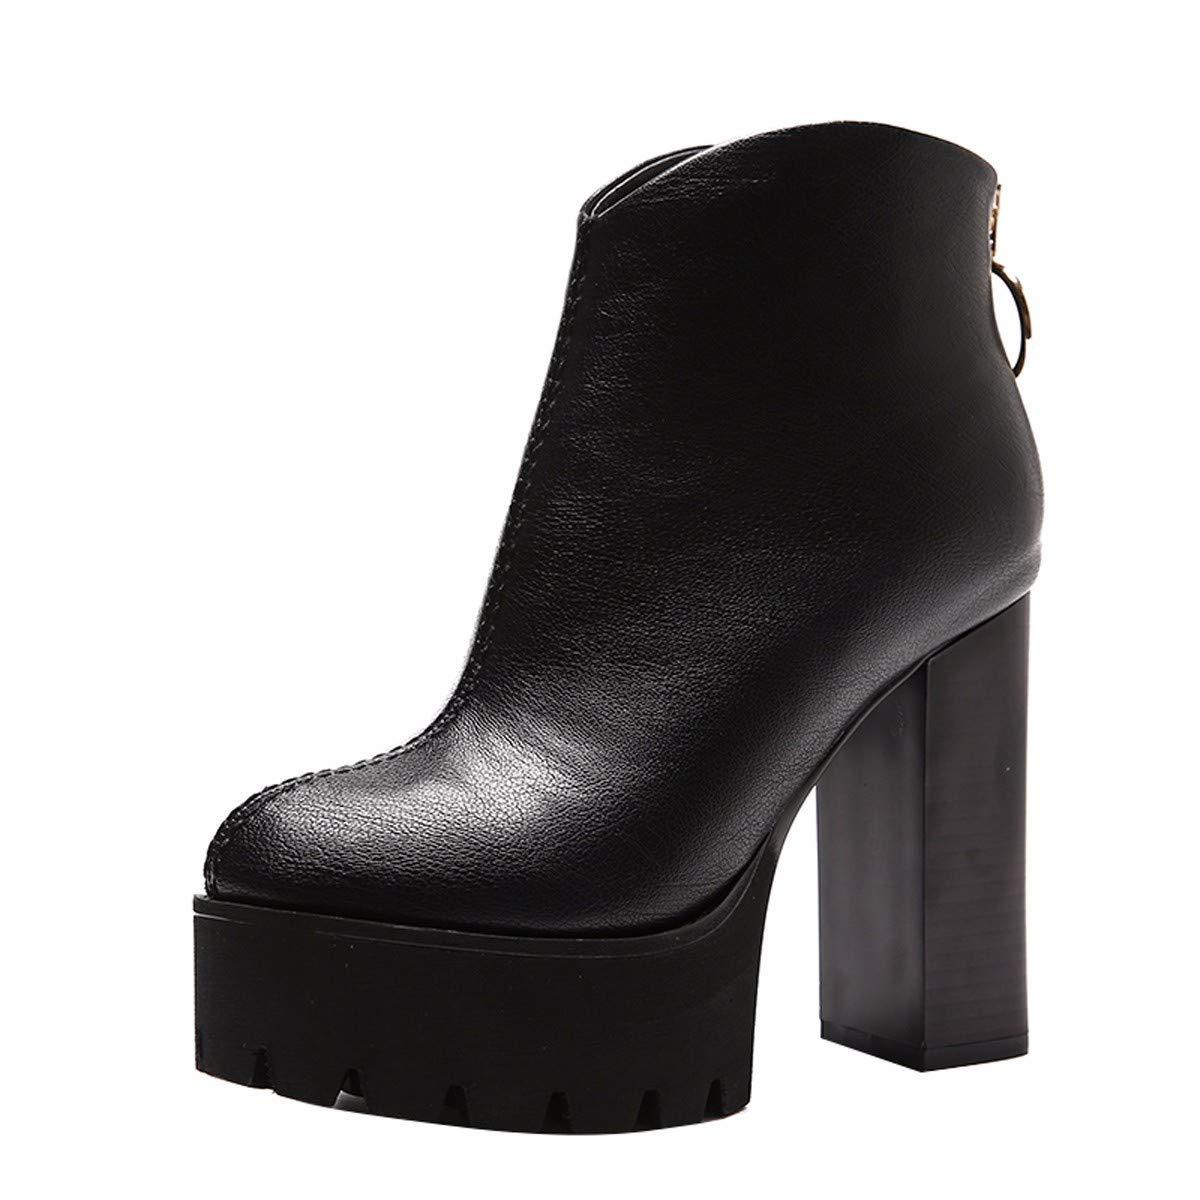 KPHY Damenschuhe Einfache Modisch Modisch Modisch 12 cm Heel Stiefel 100 Sätze Dicke Schuhe Wasserdichte Plattform Samt Runden Kopf Martin Stiefel c32aea